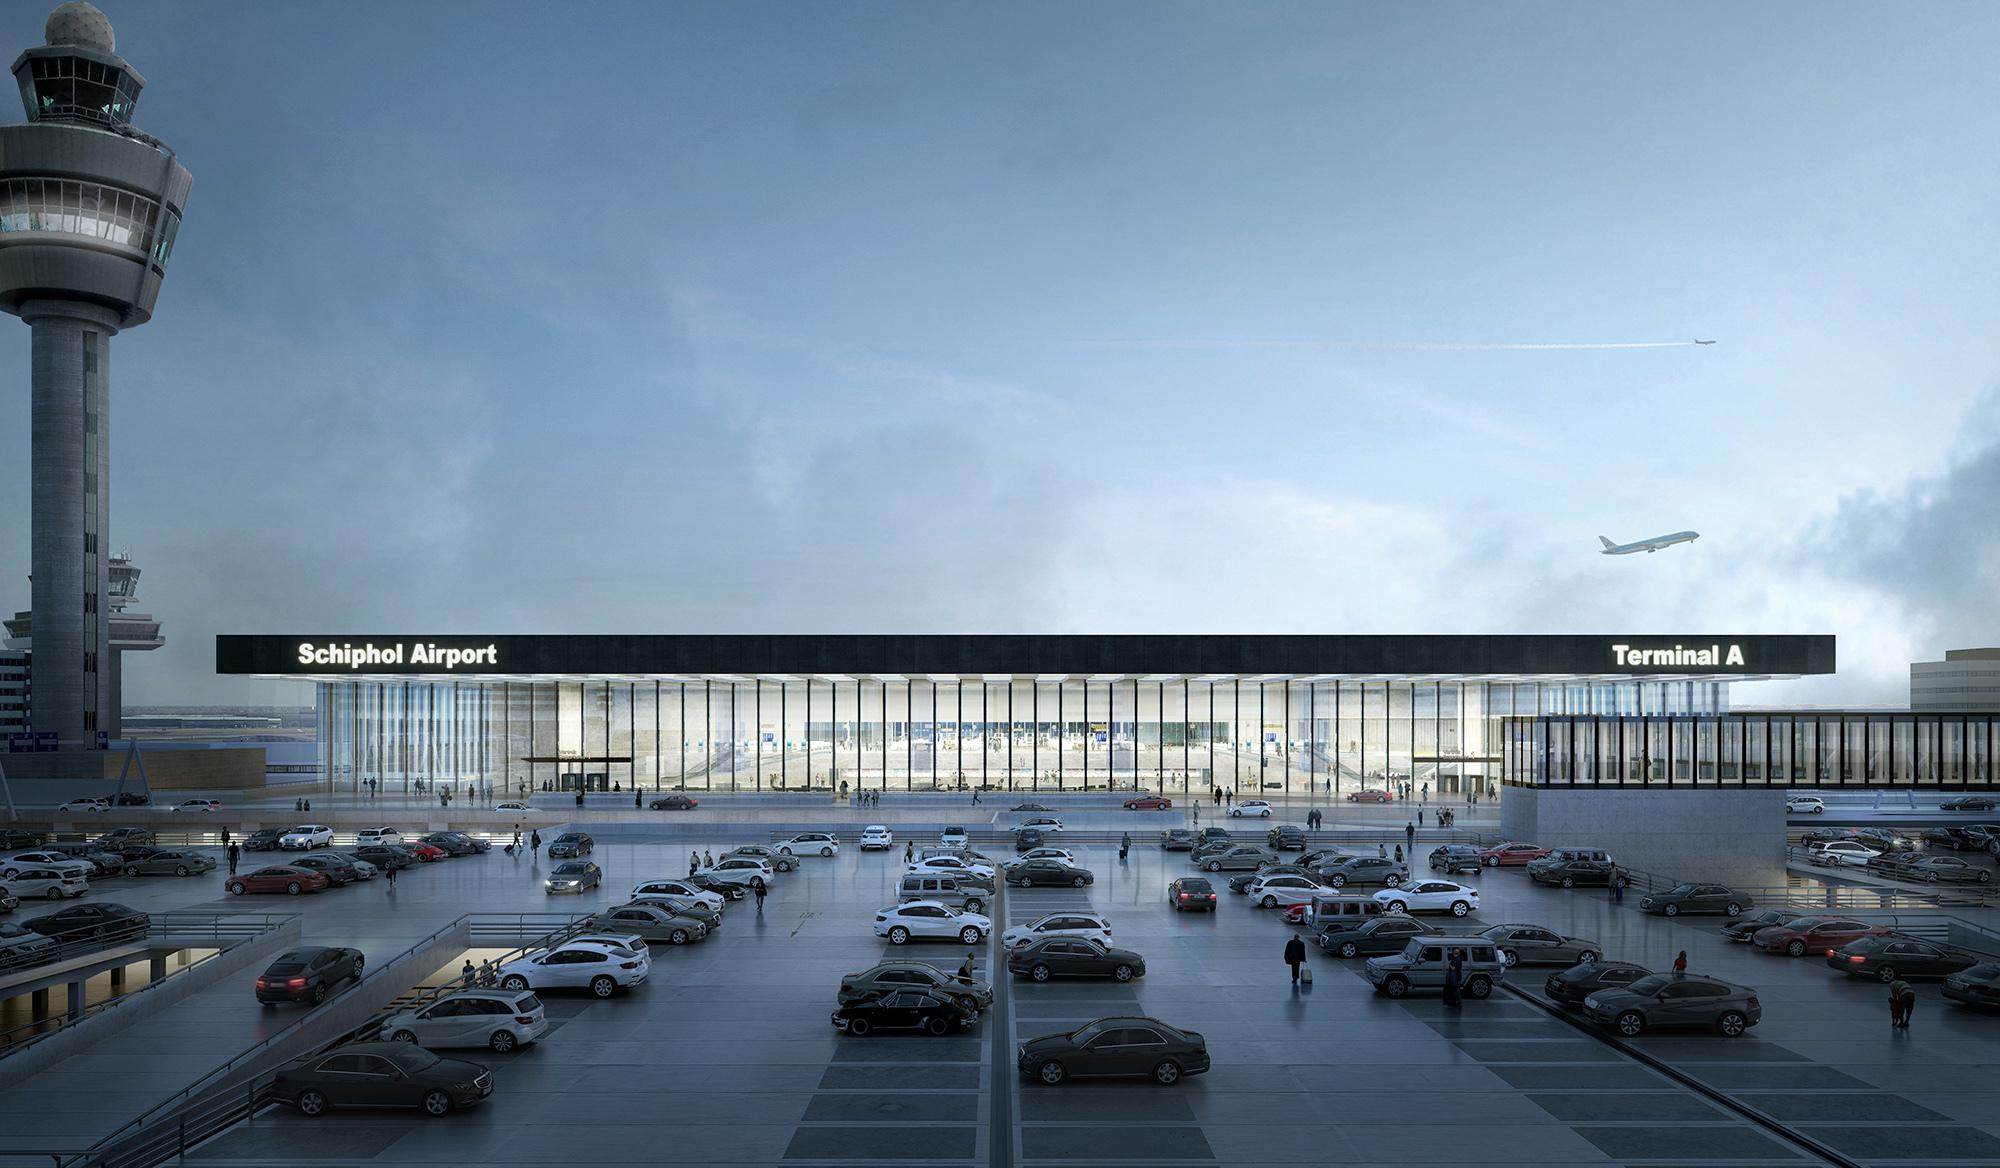 Estudio Lamela e KAAN Architecten projetam ampliação do aeroporto Schiphol em Amsterdã